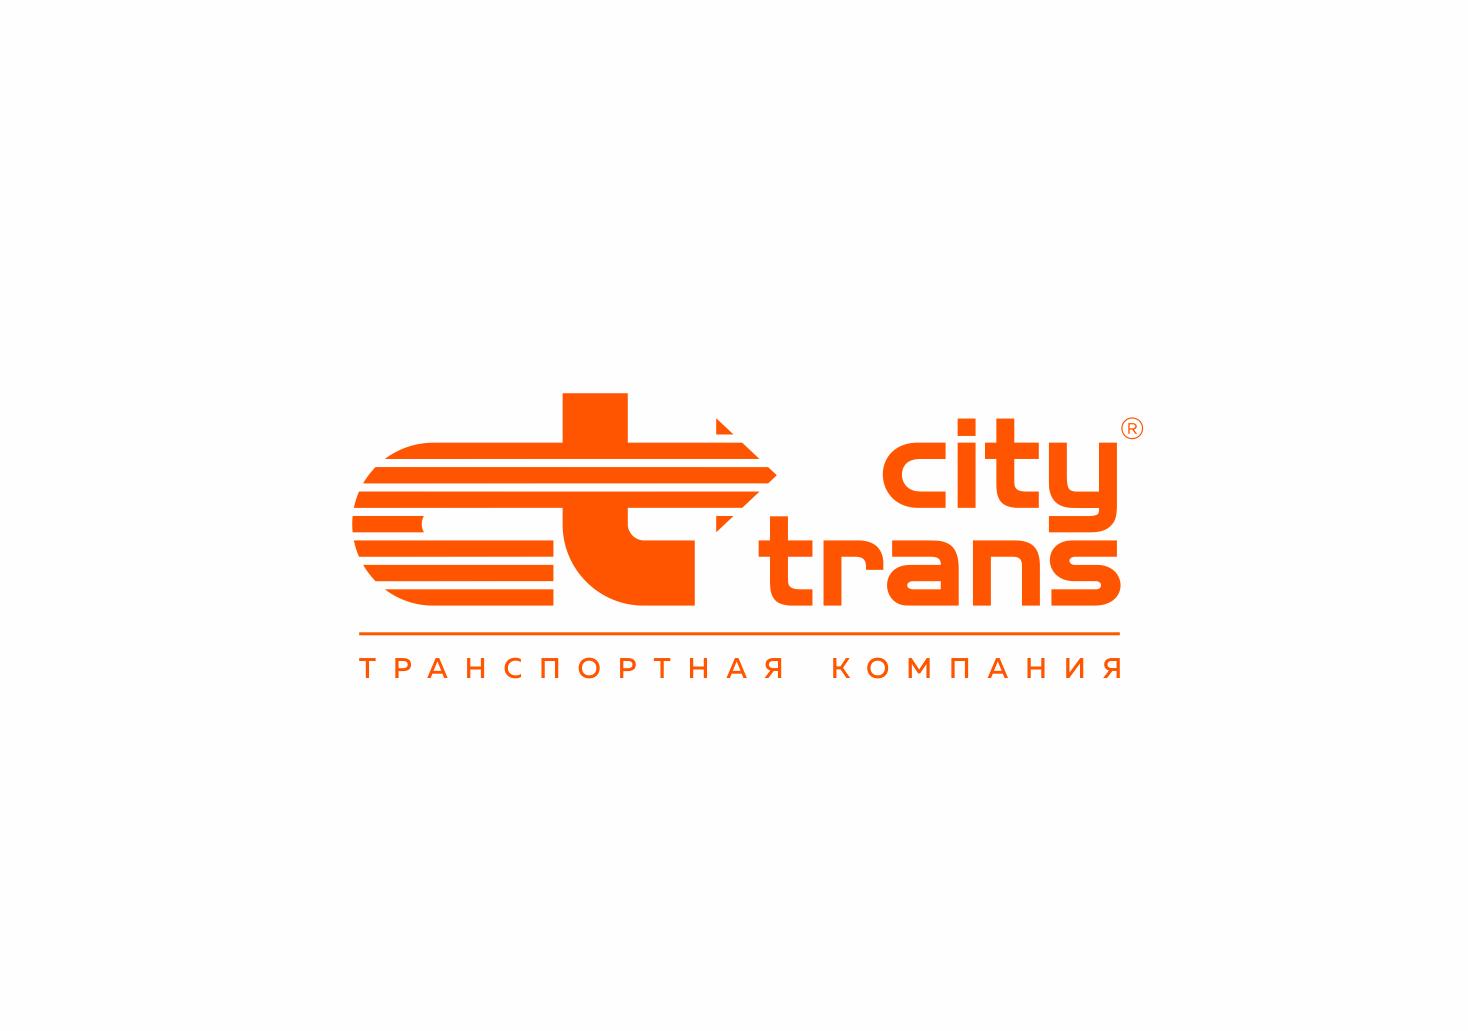 Разработка Логотипа транспортной компании фото f_3865e6dd7becf7c5.png